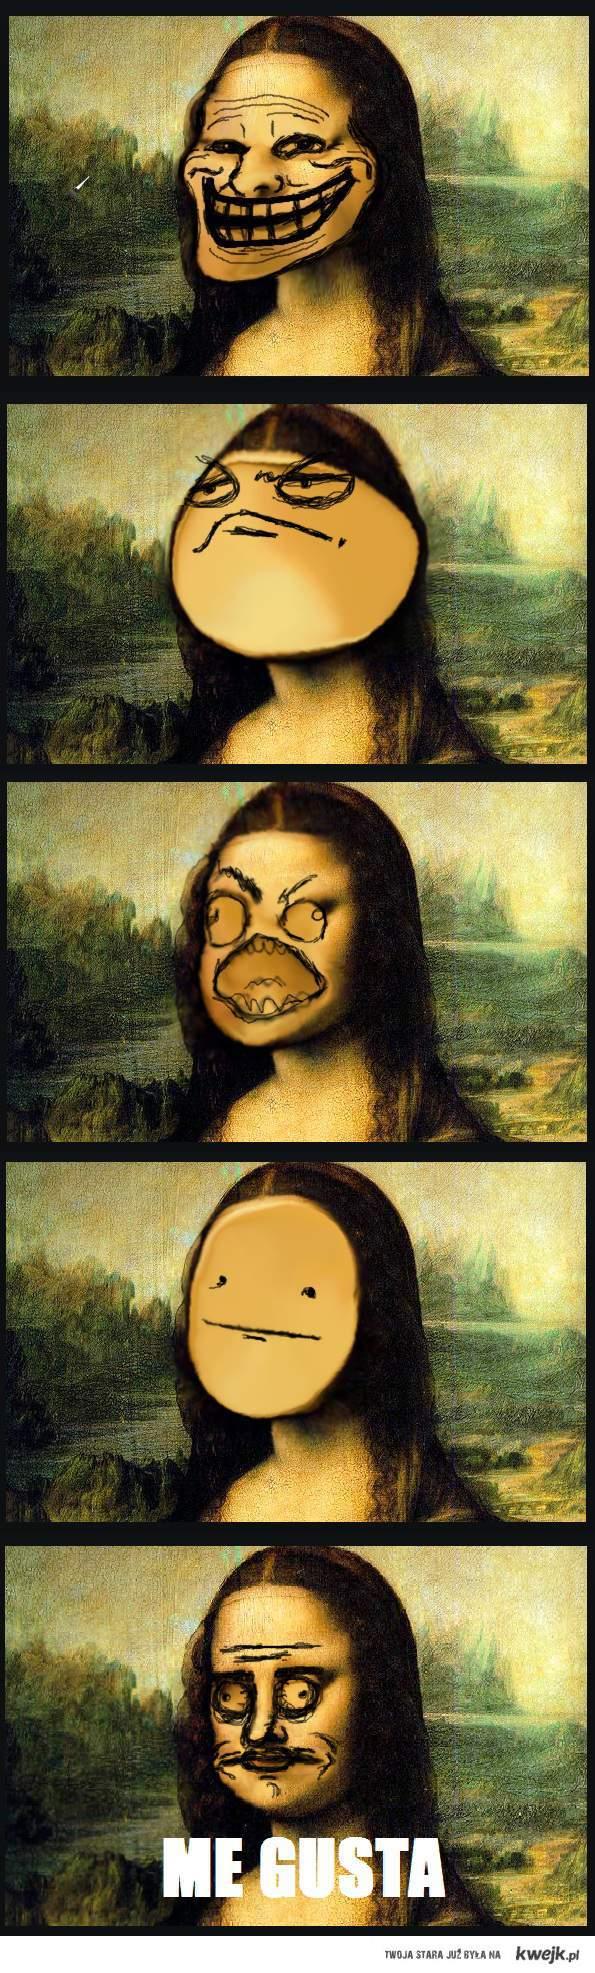 mona lisa faces